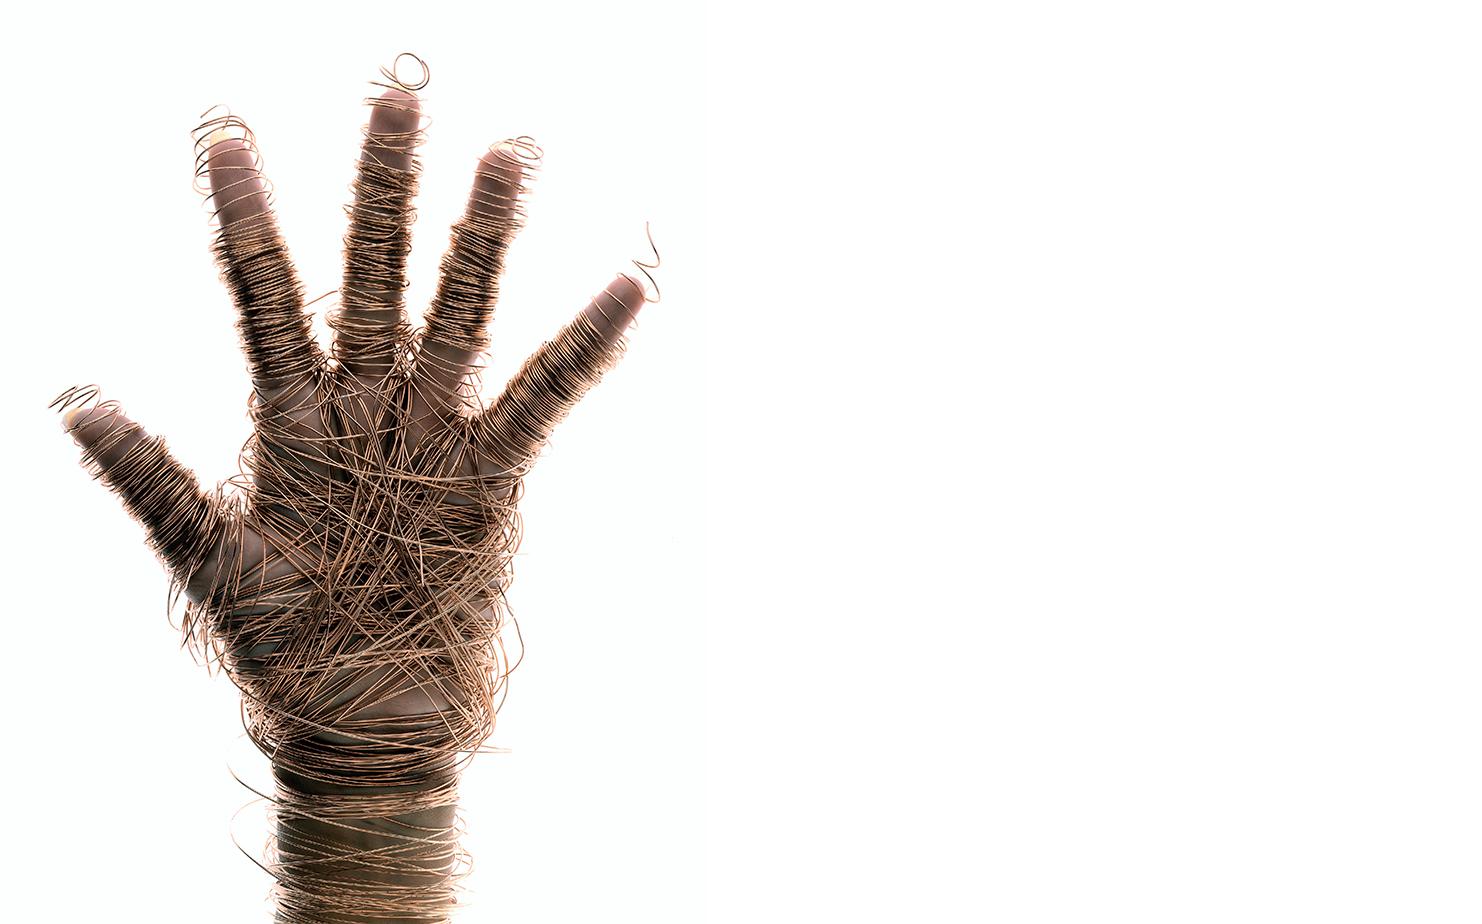 Harper's Bazaar   POWER OF HANDS   SITTINGS EDITOR Elissa Santisi CREATIVE DIRECTOR Fabien Baron